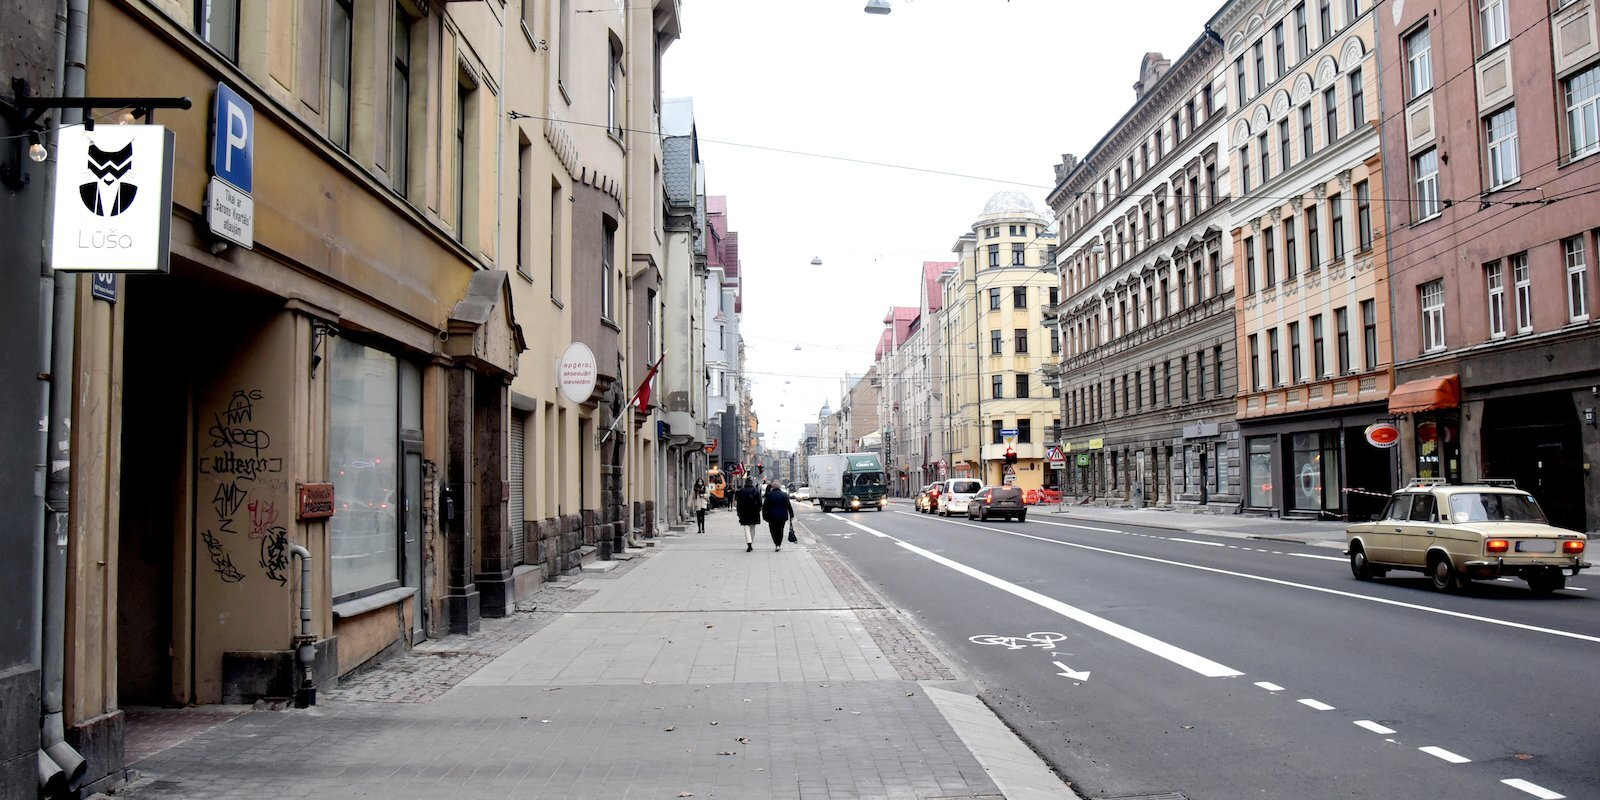 Bizness un iedzīvotāji pamet Rīgas centru. Kādi ir risinājumi?